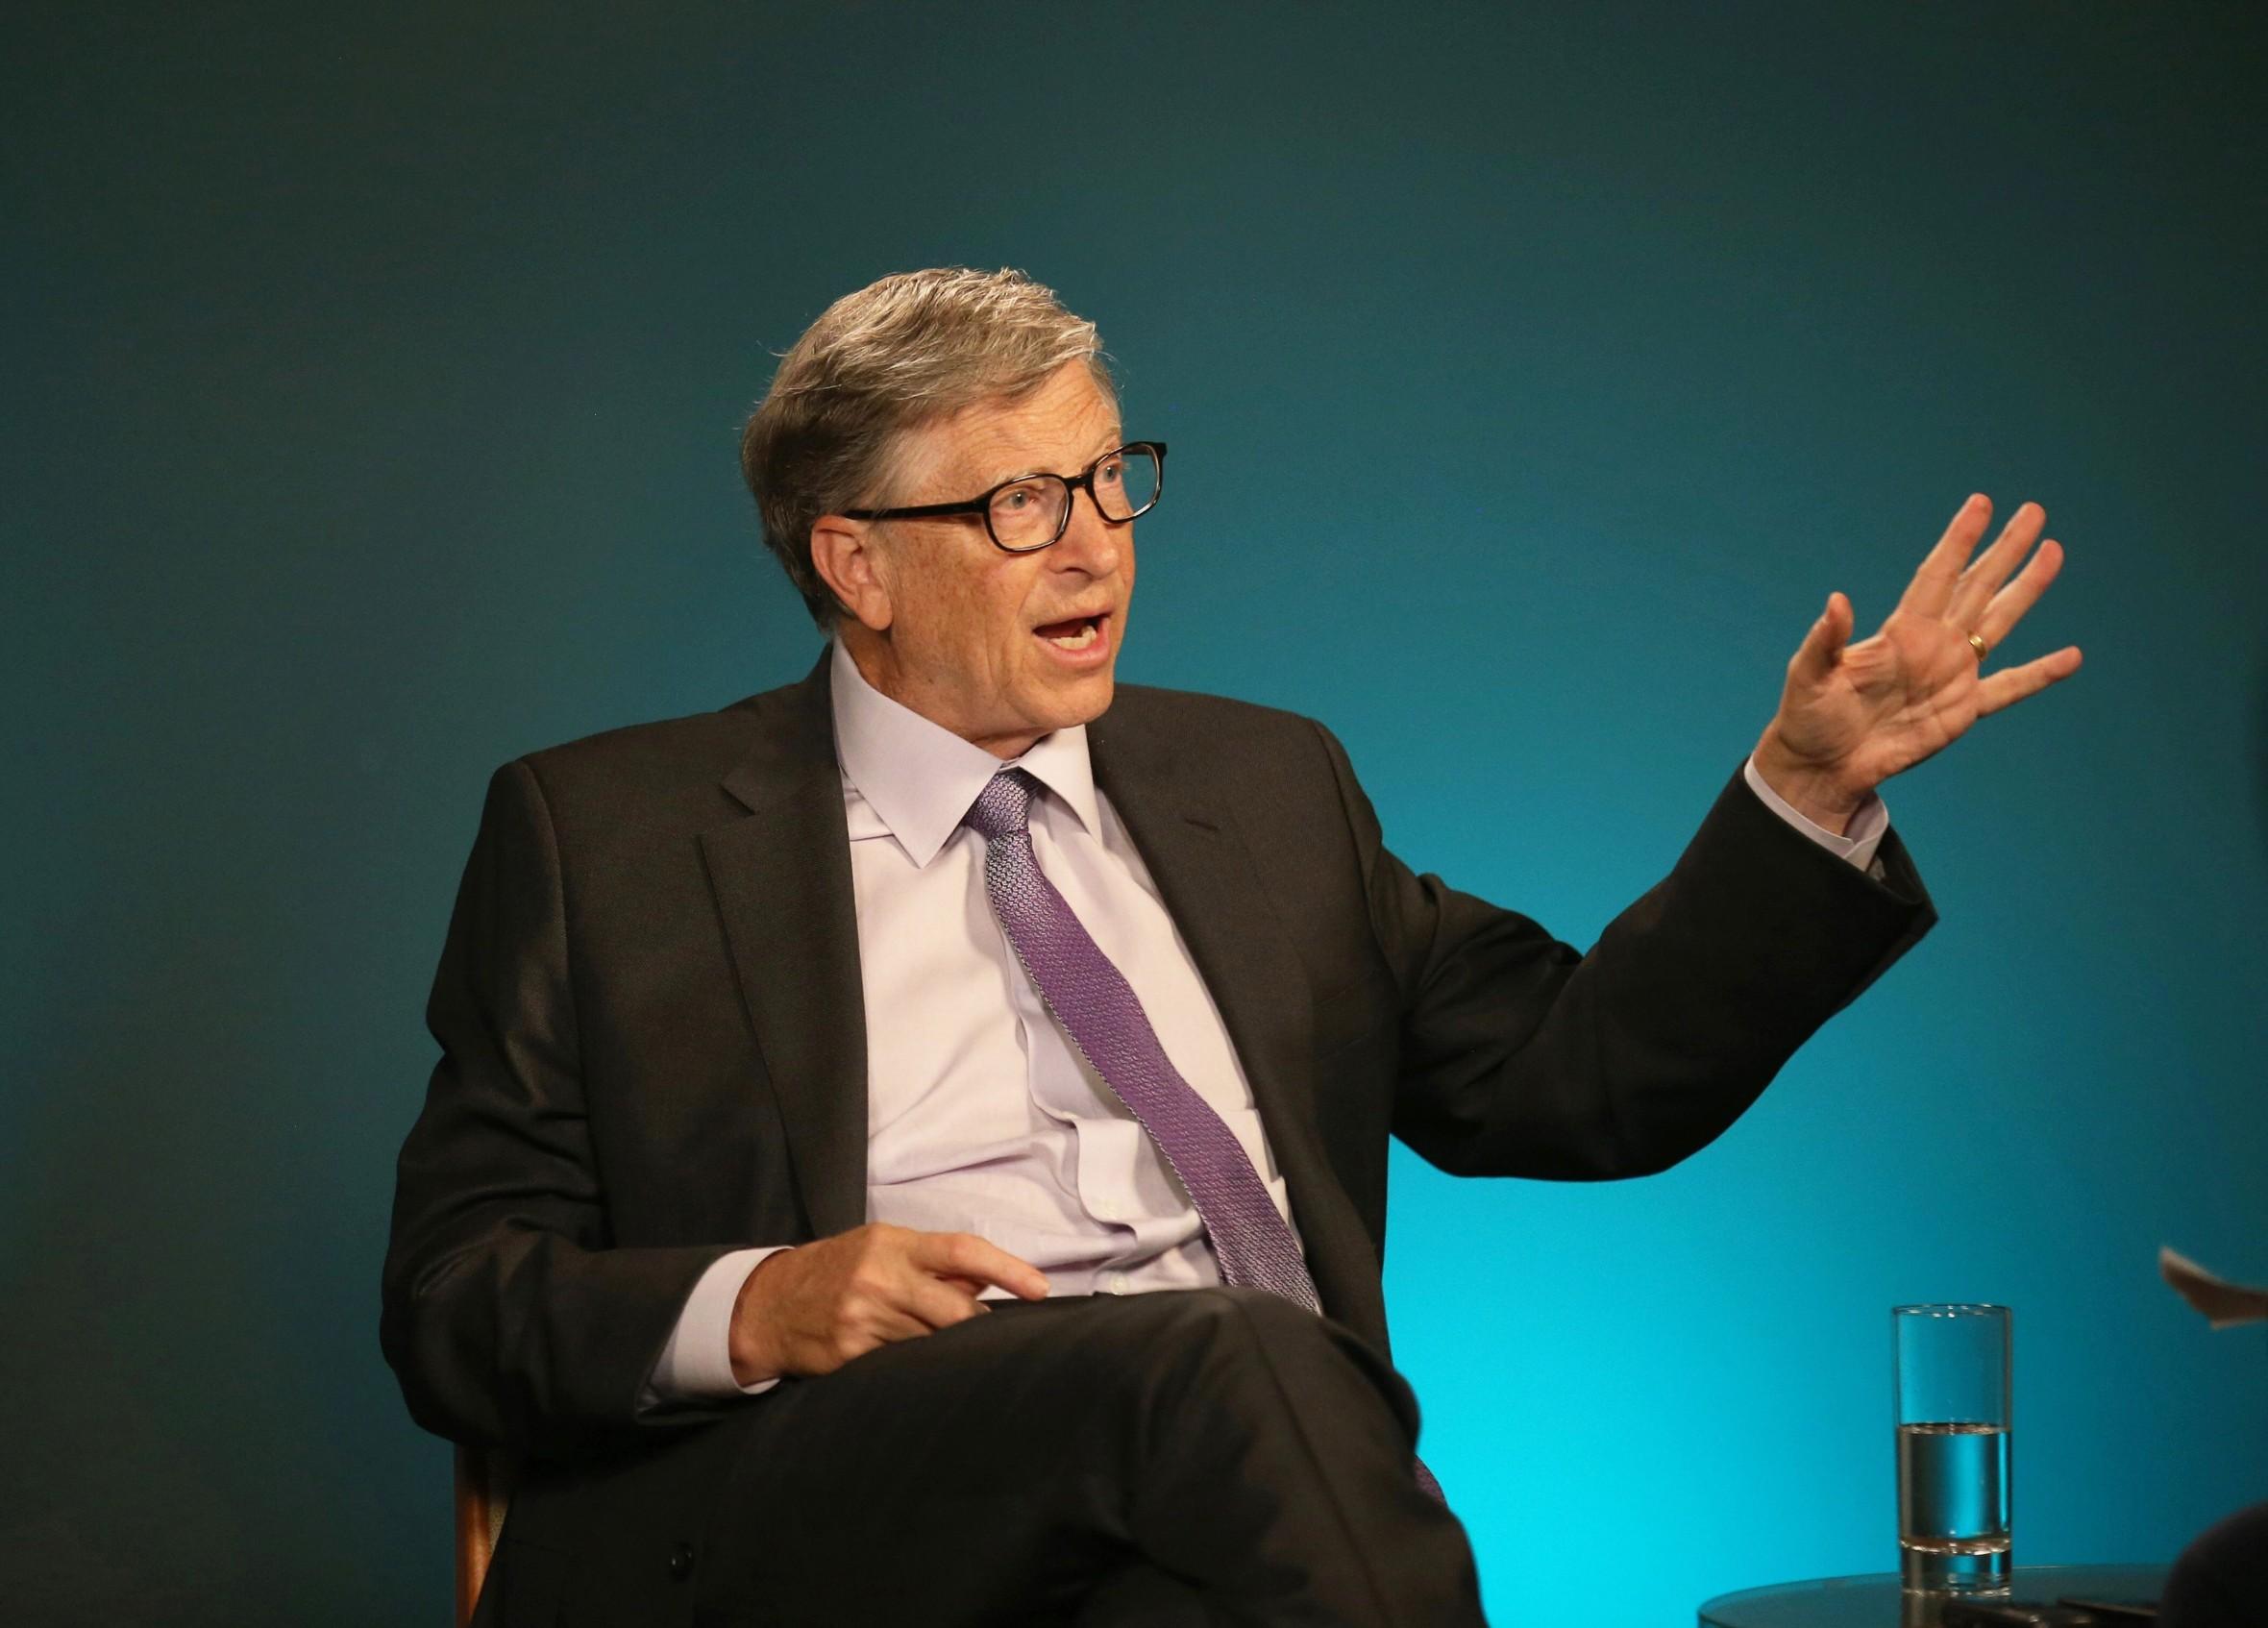 Bill Gates daje još 250 milijuna dolara za cjepivo protiv Covida-19